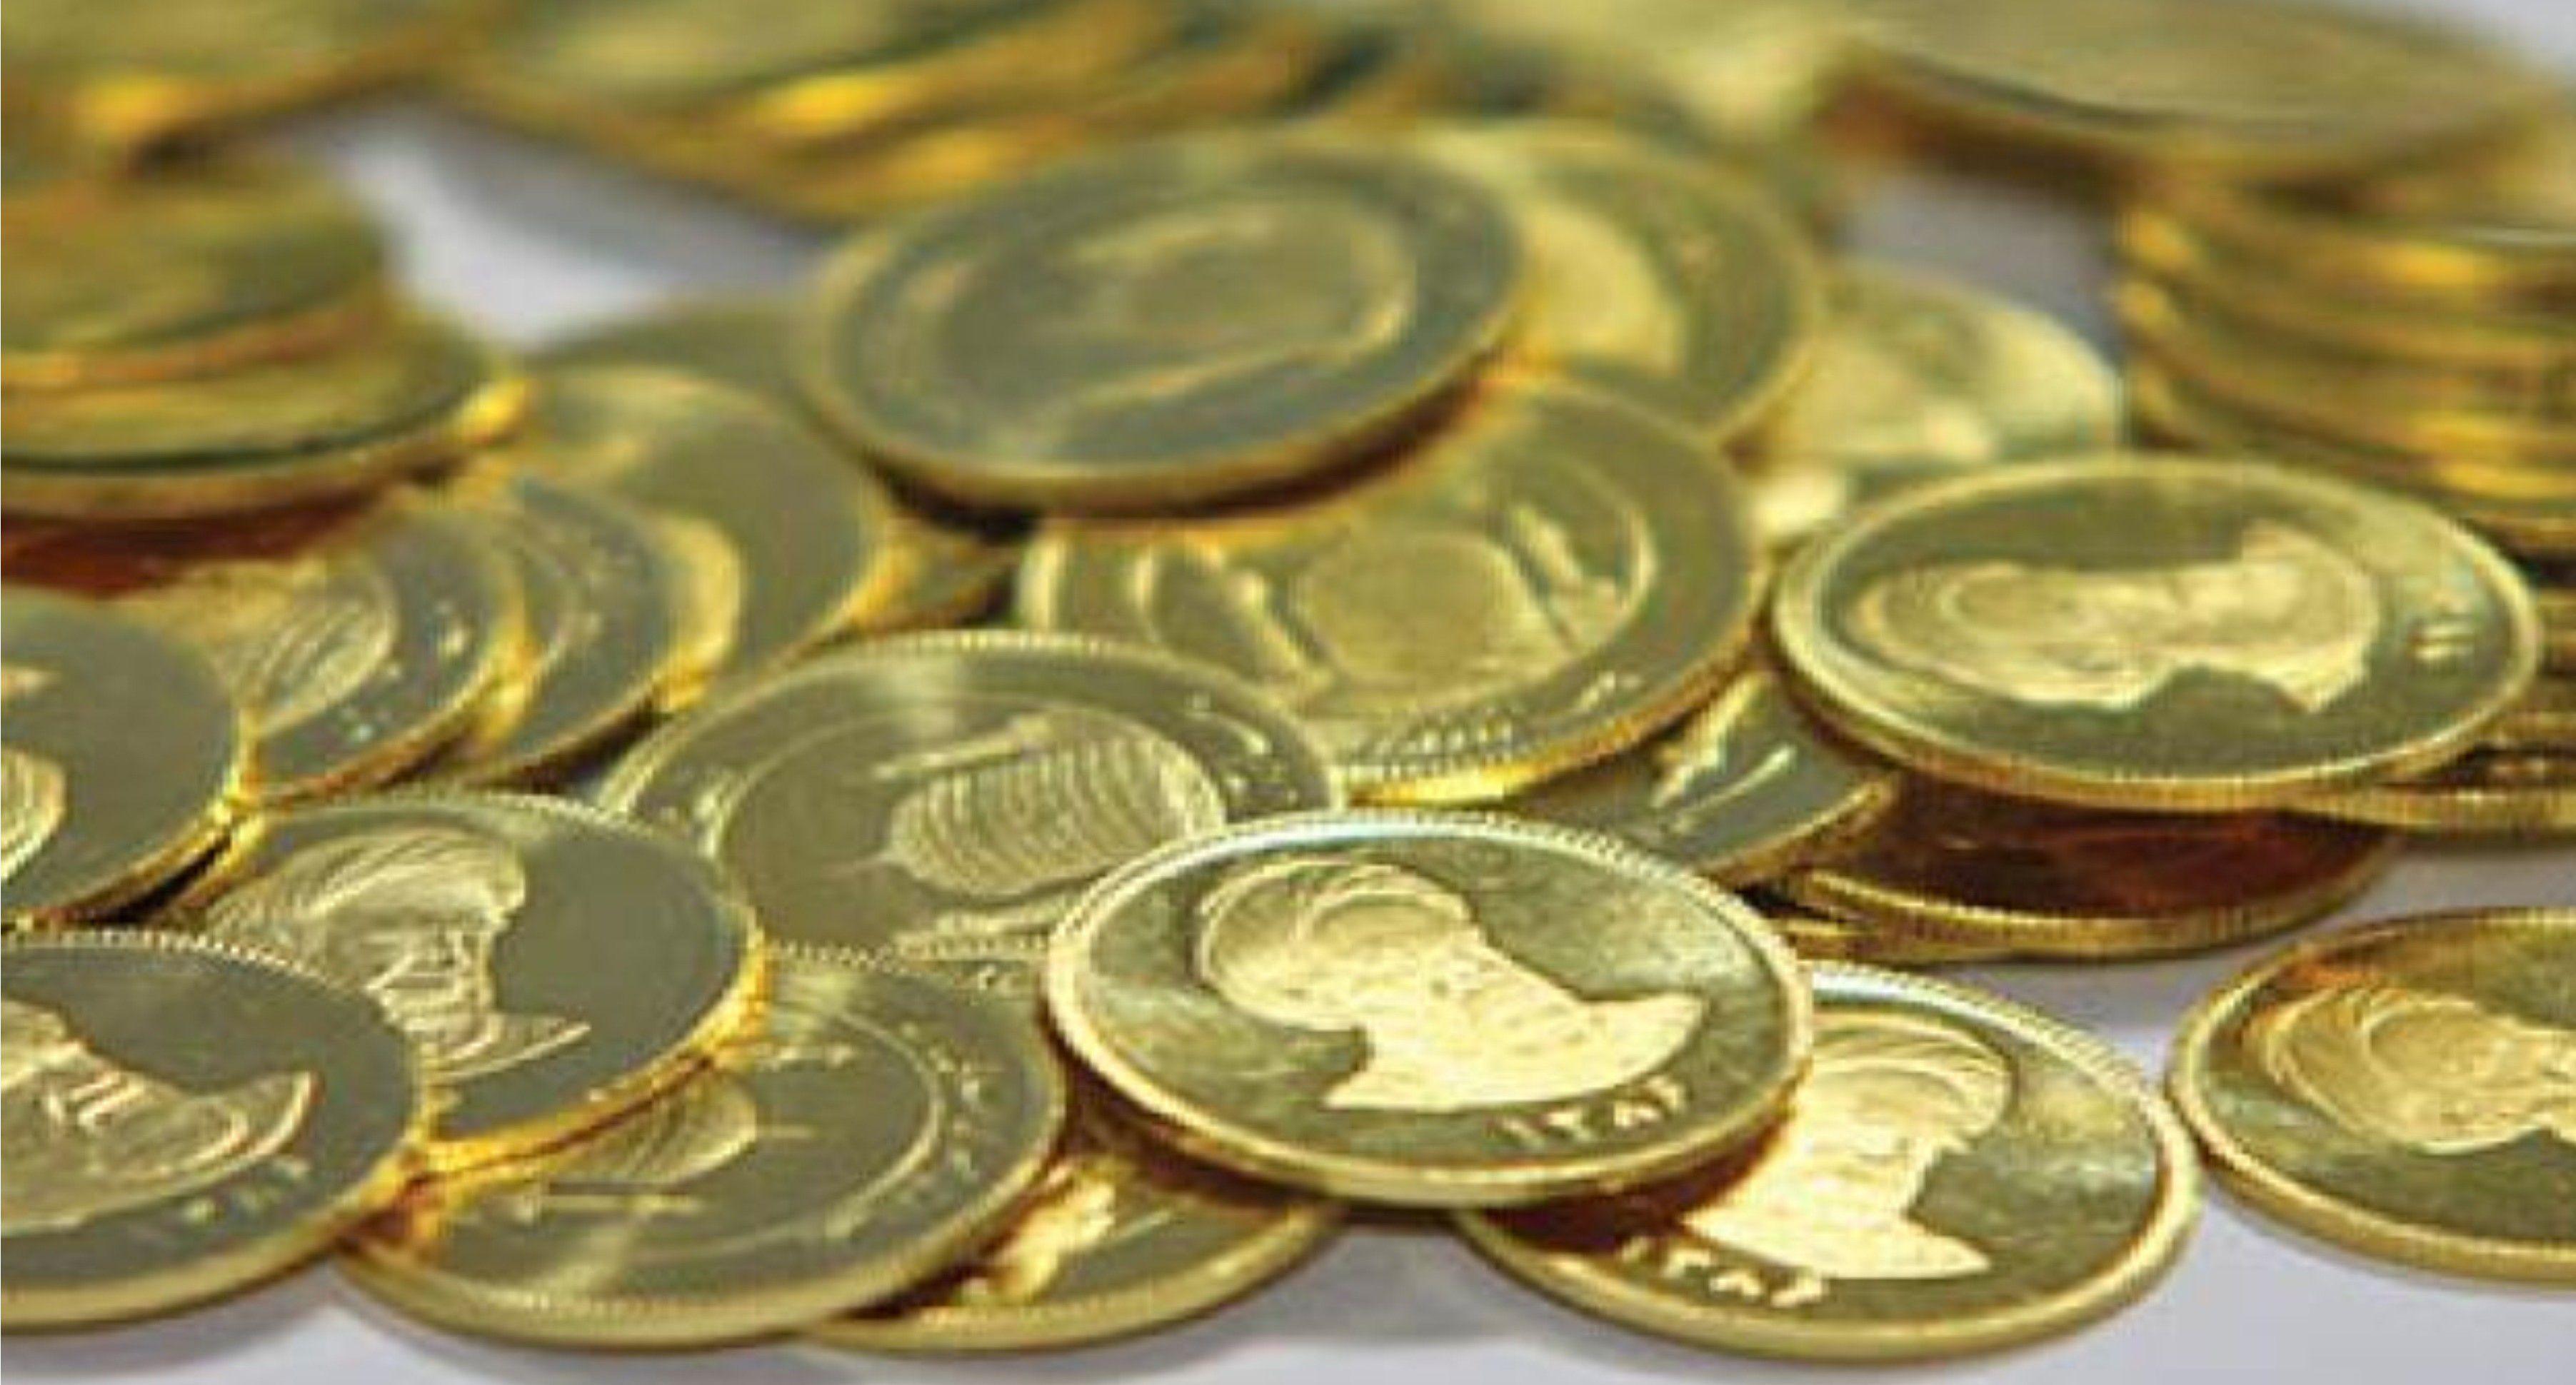 سکه به کانال ۱۰ میلیون تومانی برگشت؛ طلای ۱۸ عیار یک میلیون و ۴۱ هزار تومان